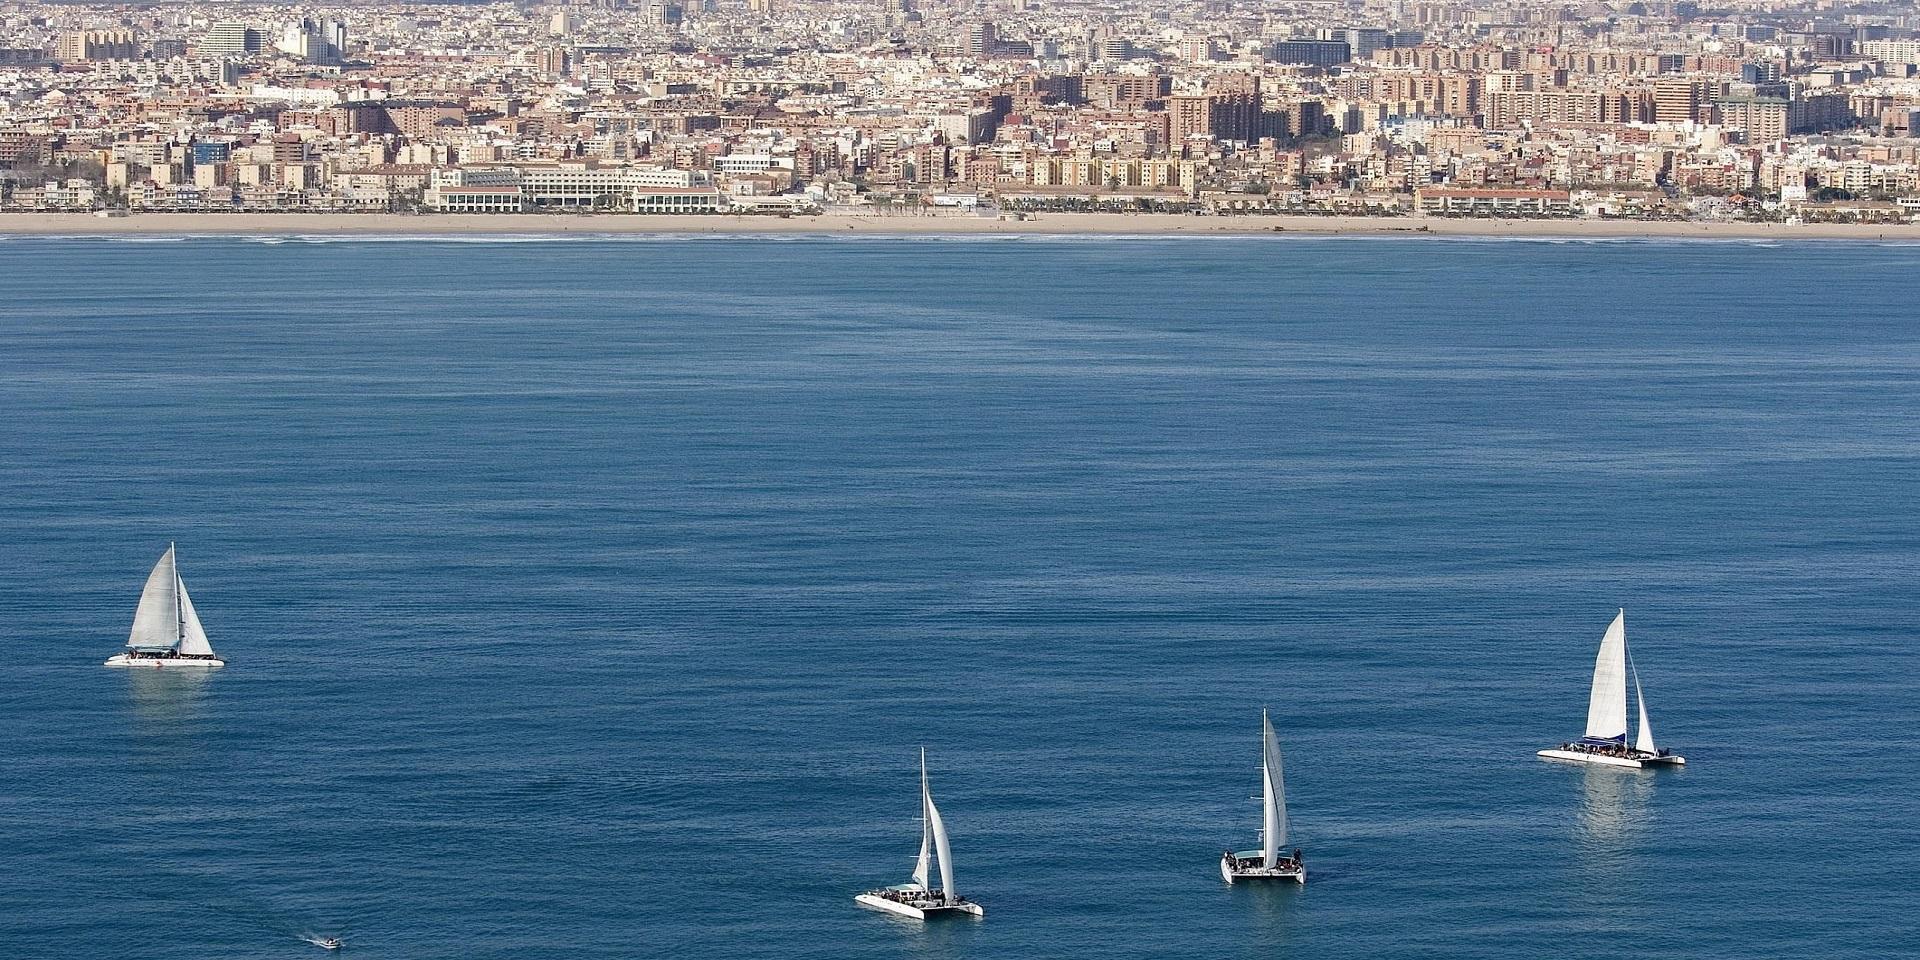 DMC Valencia